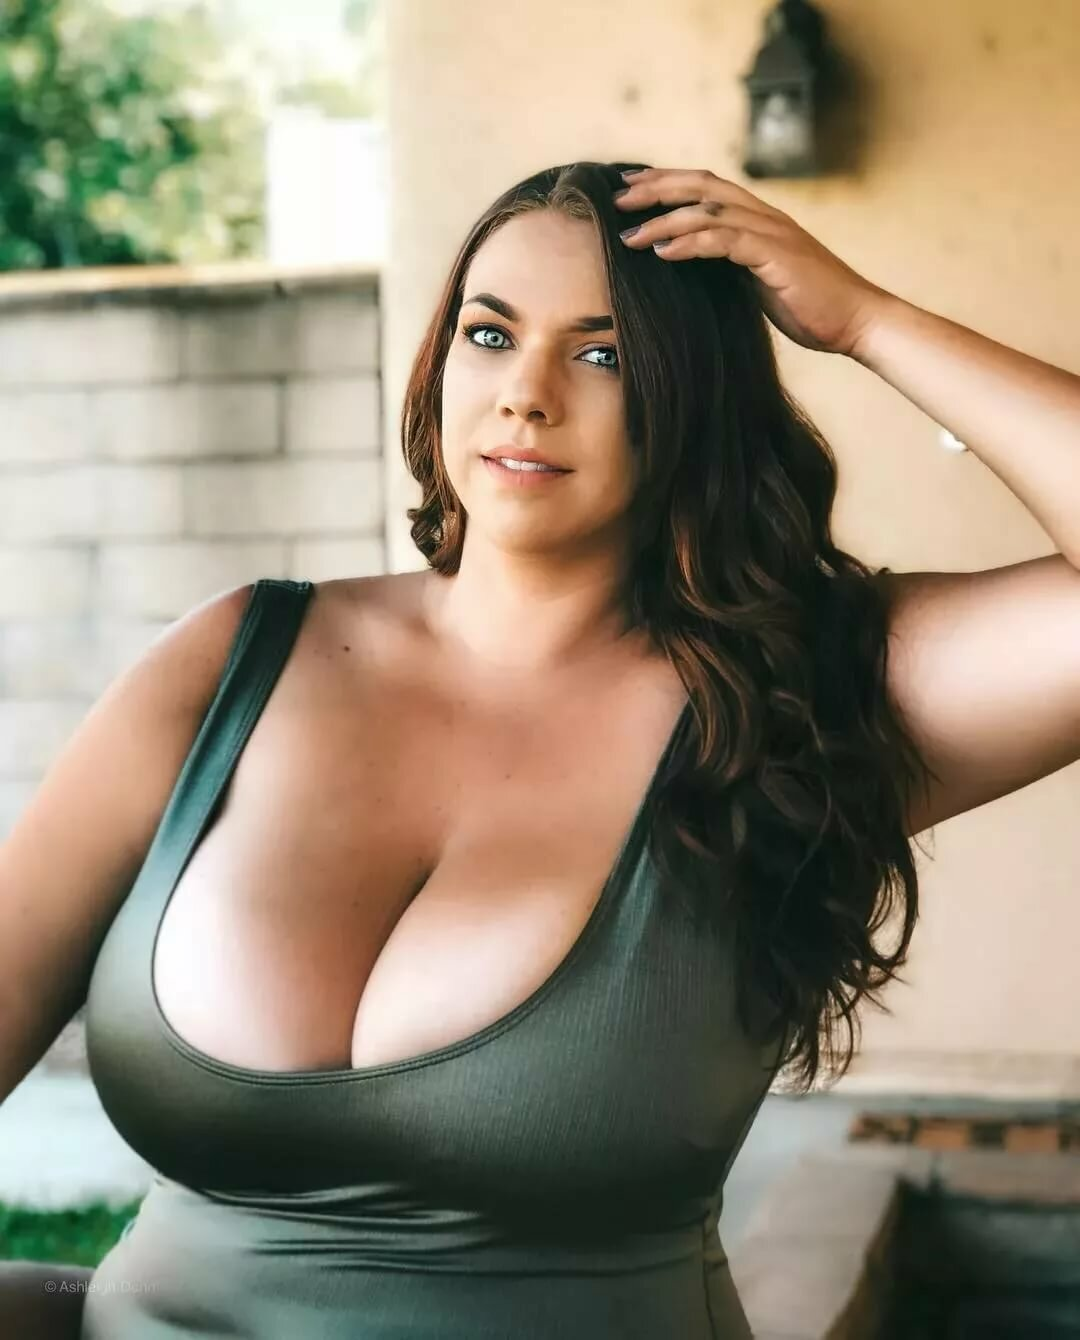 Photos of big breasts, nude guy clip